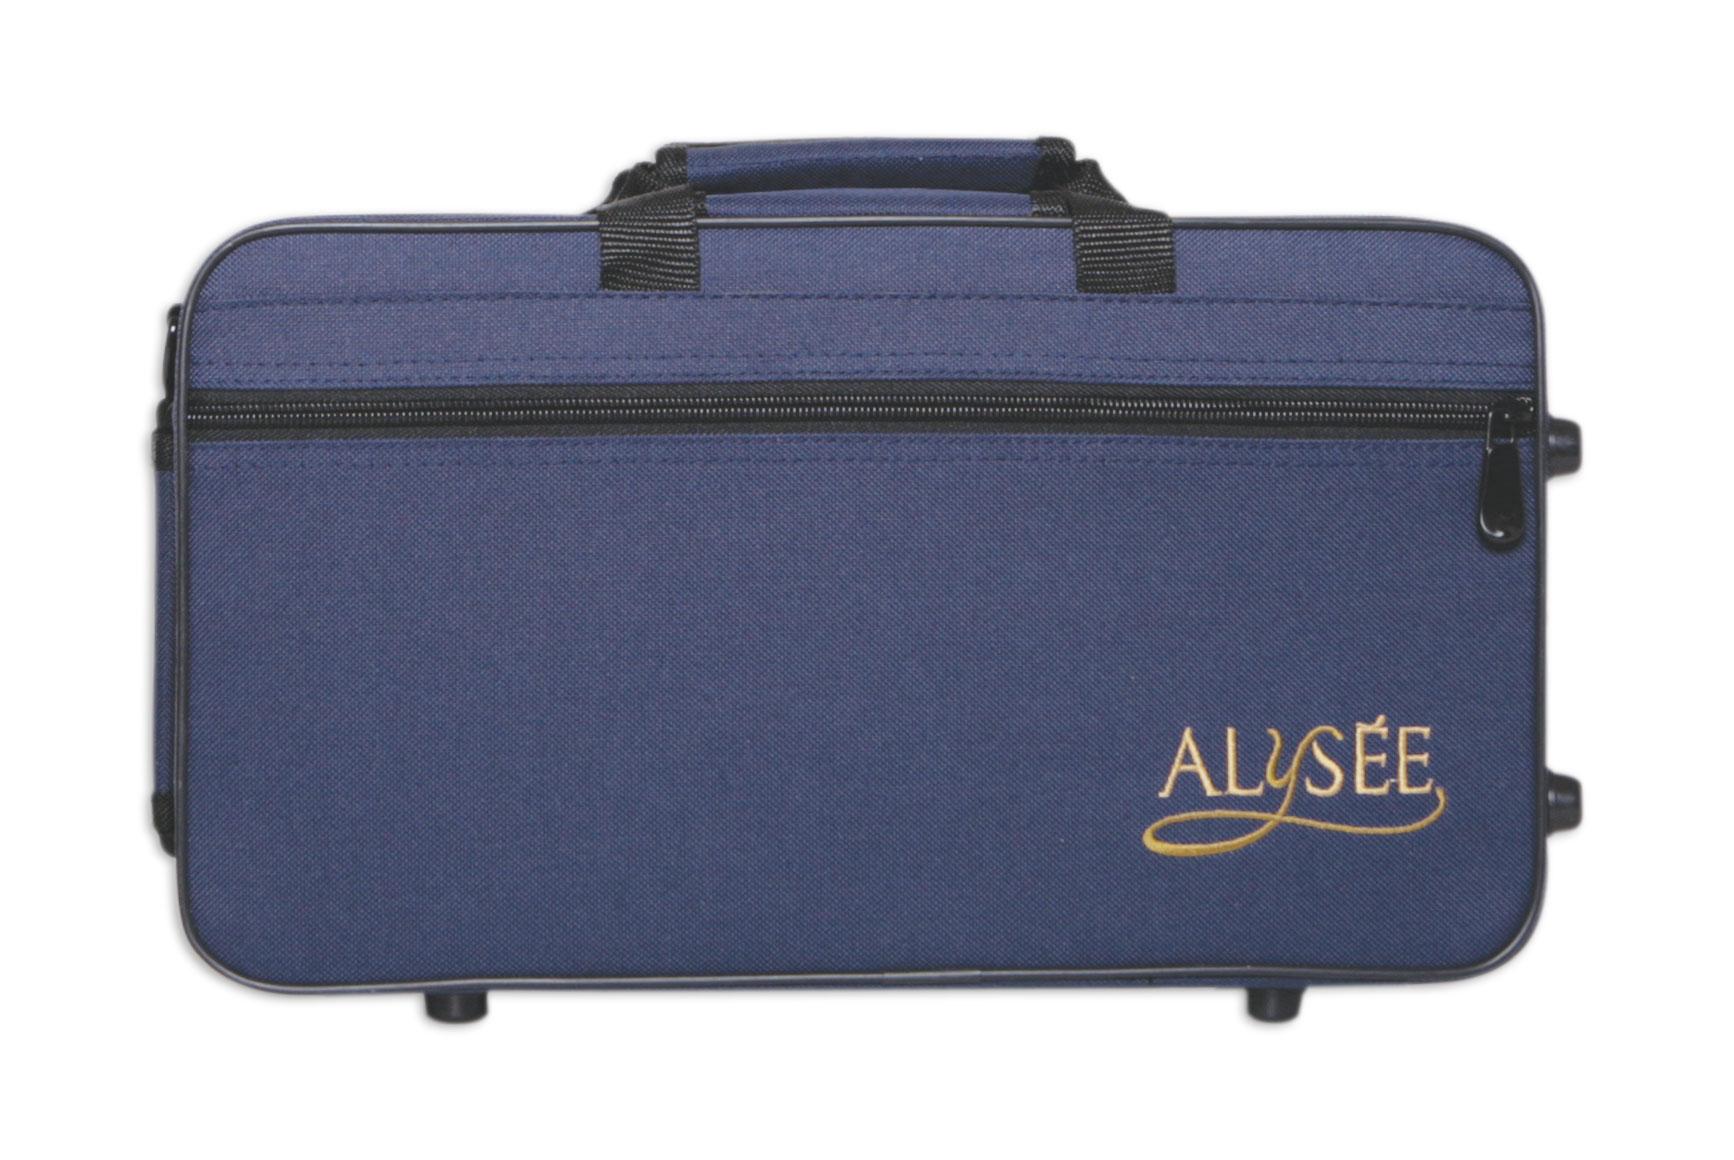 Alysee-Astuccio-Light-tromba-sku-5697369649001